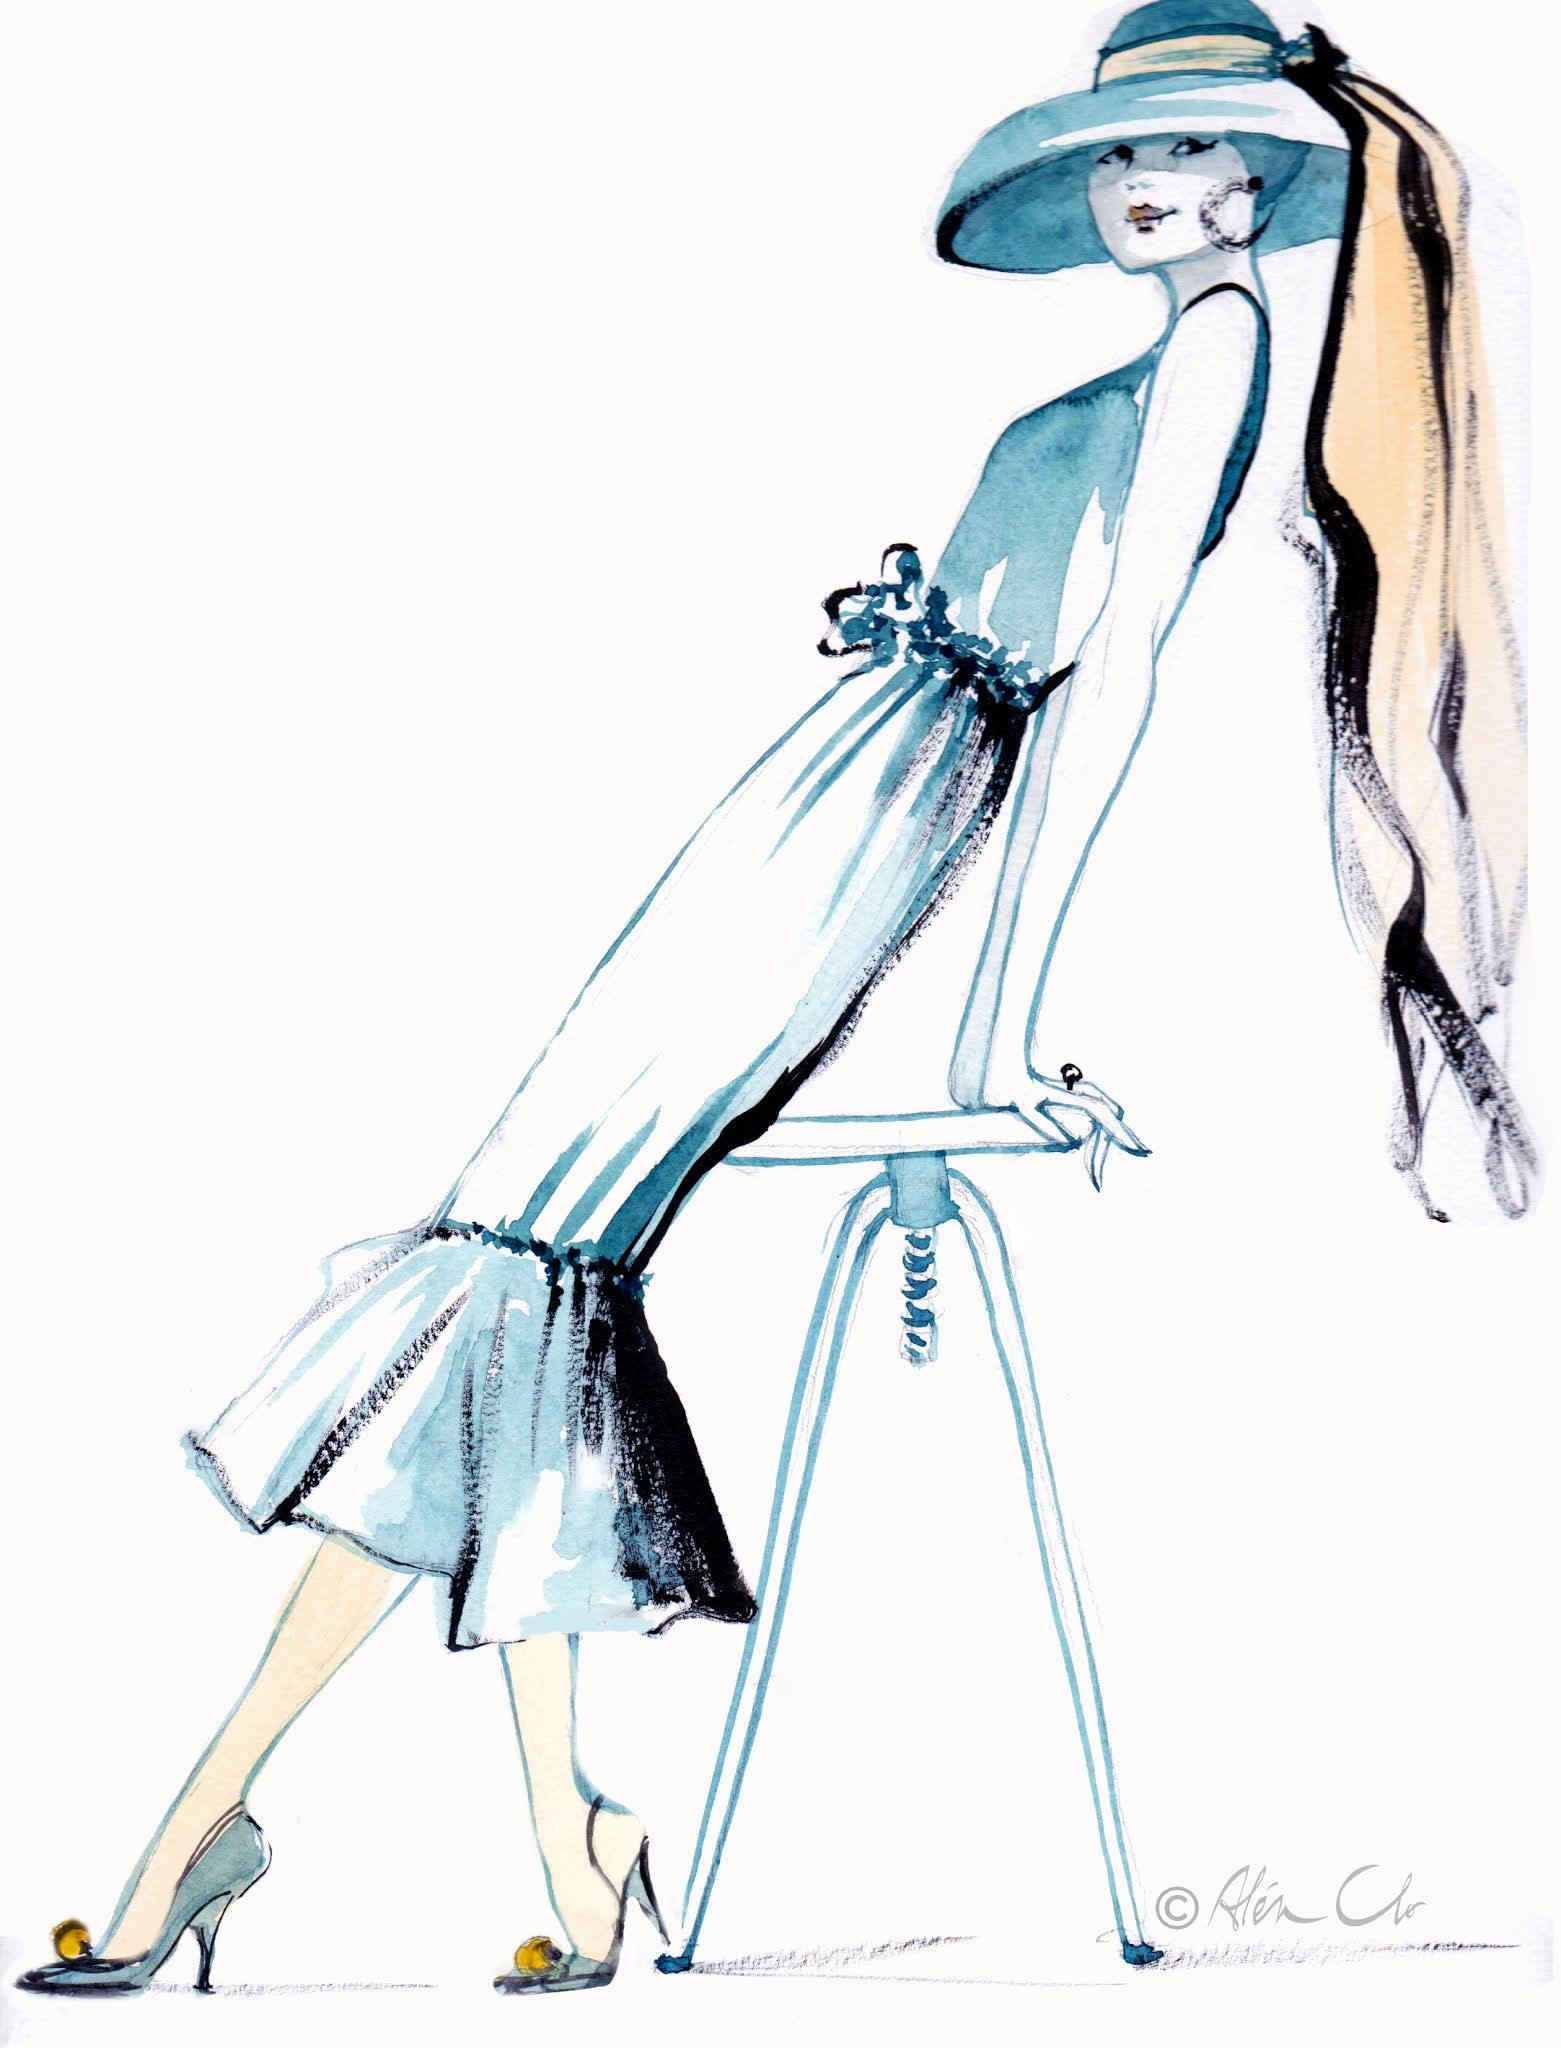 Mademoiselle-vintage-chic